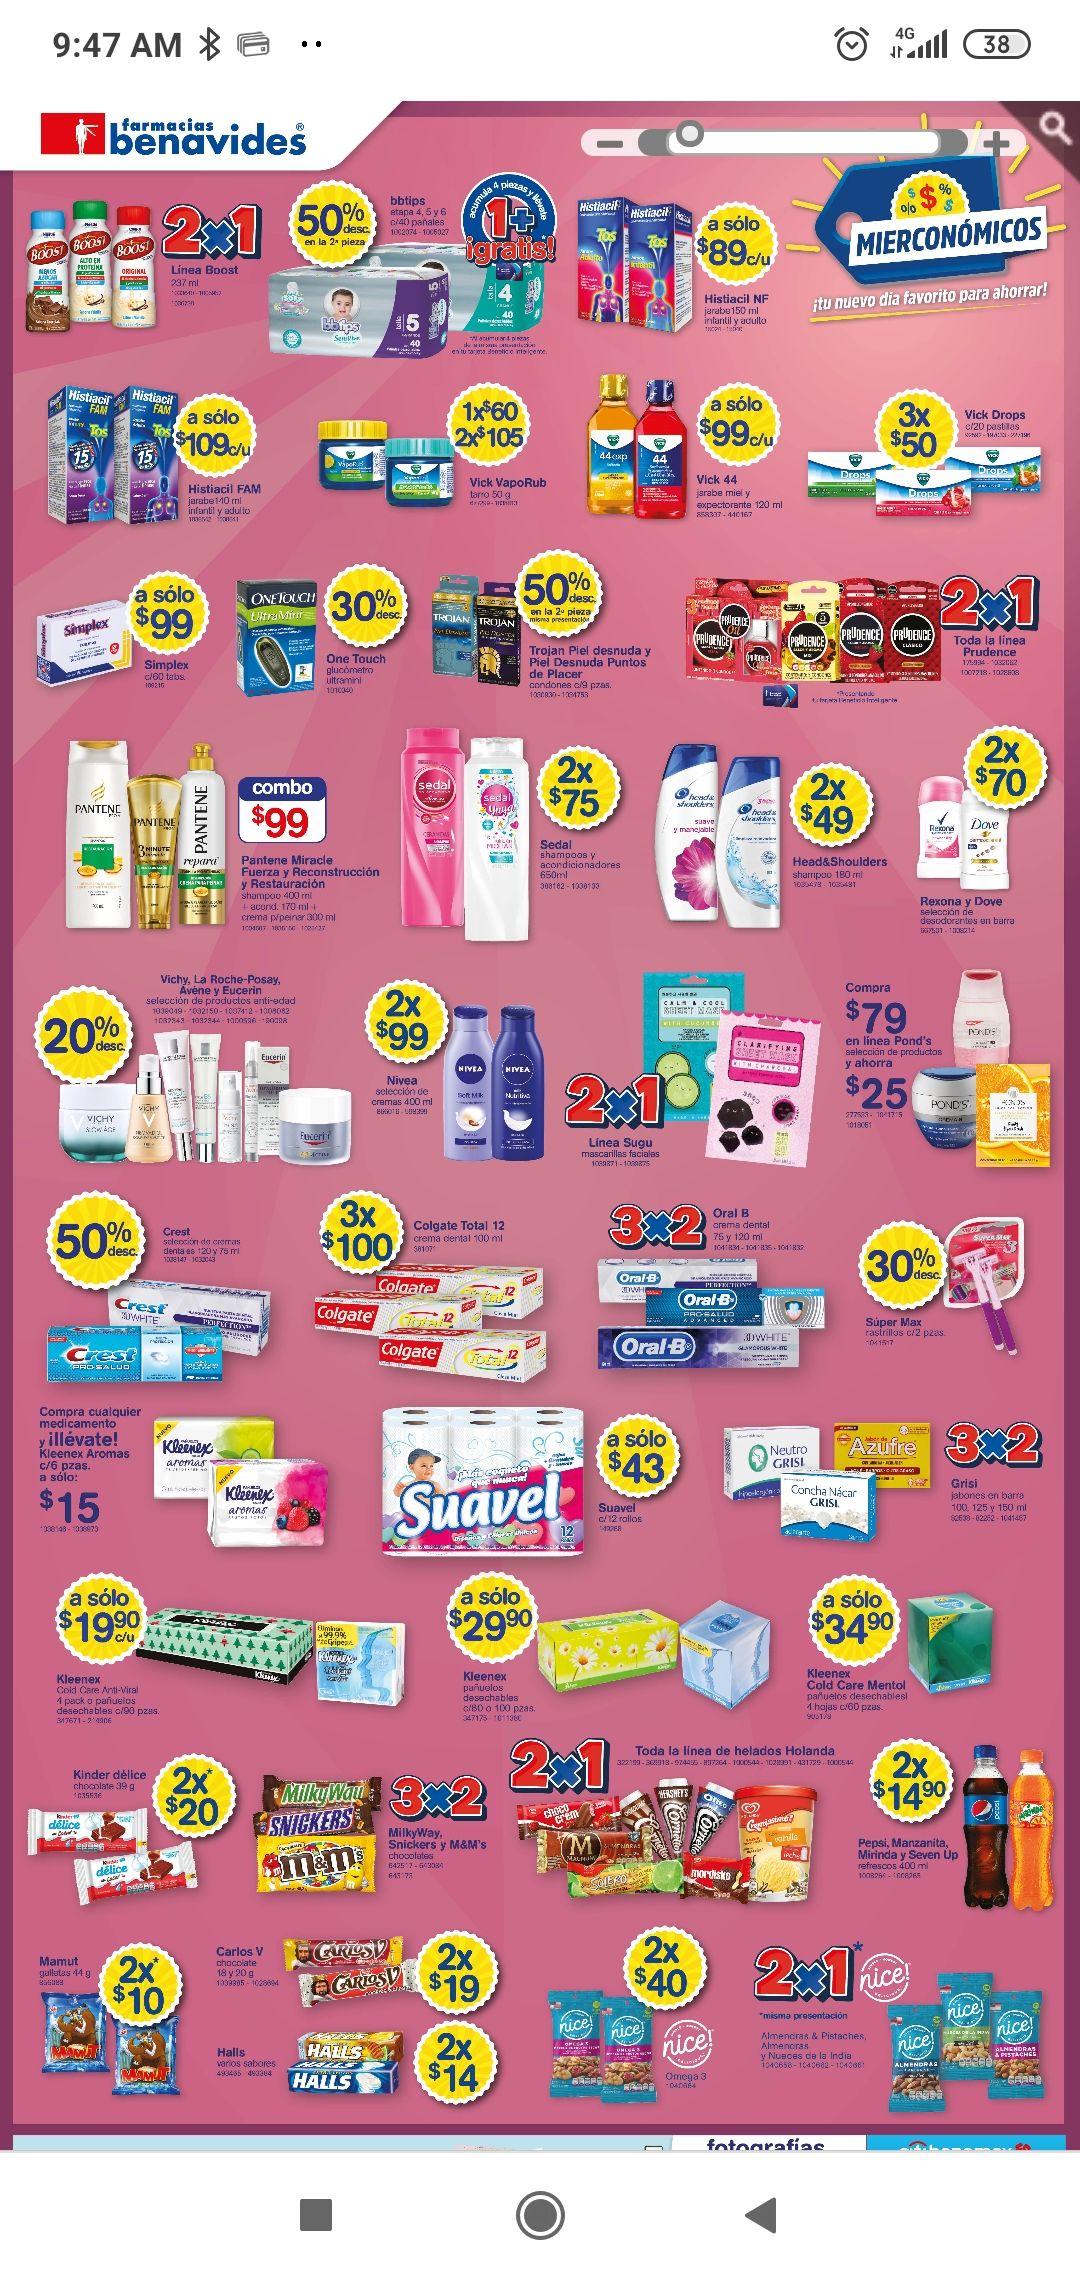 Farmacias Benavides: MIERCONOMICOS